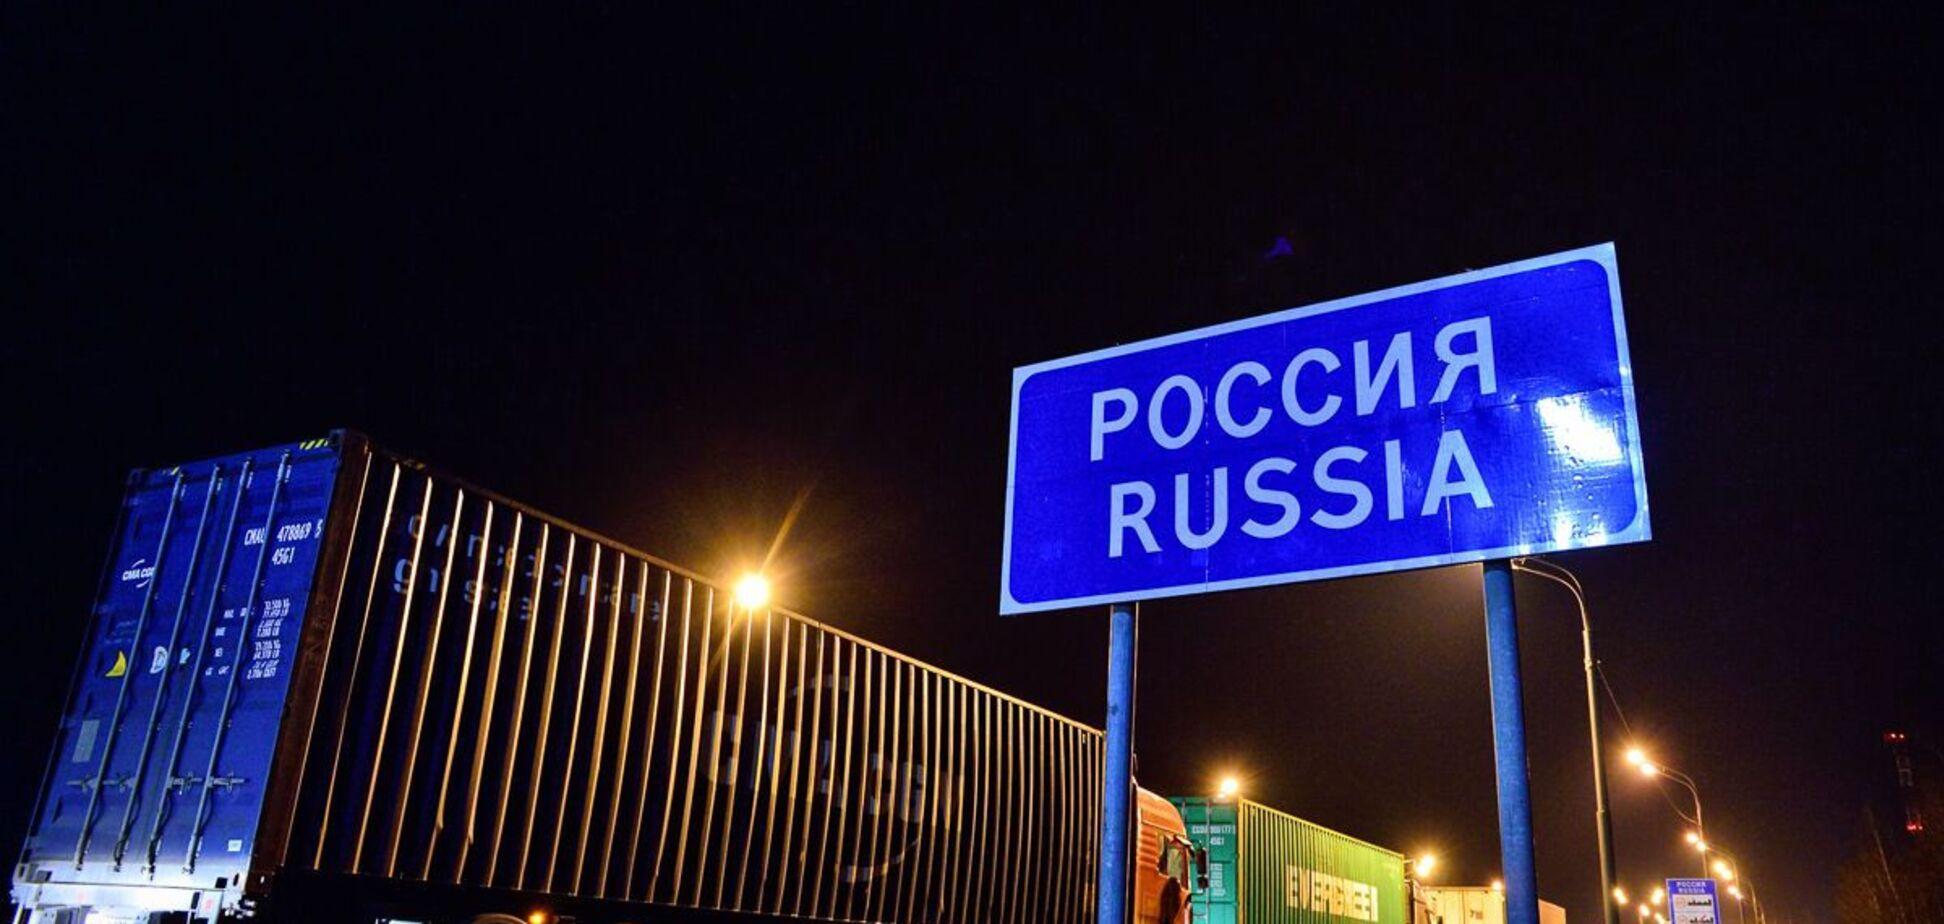 По мнению экспертов Российская Федерация изменилась за время президентства Владимира Путина